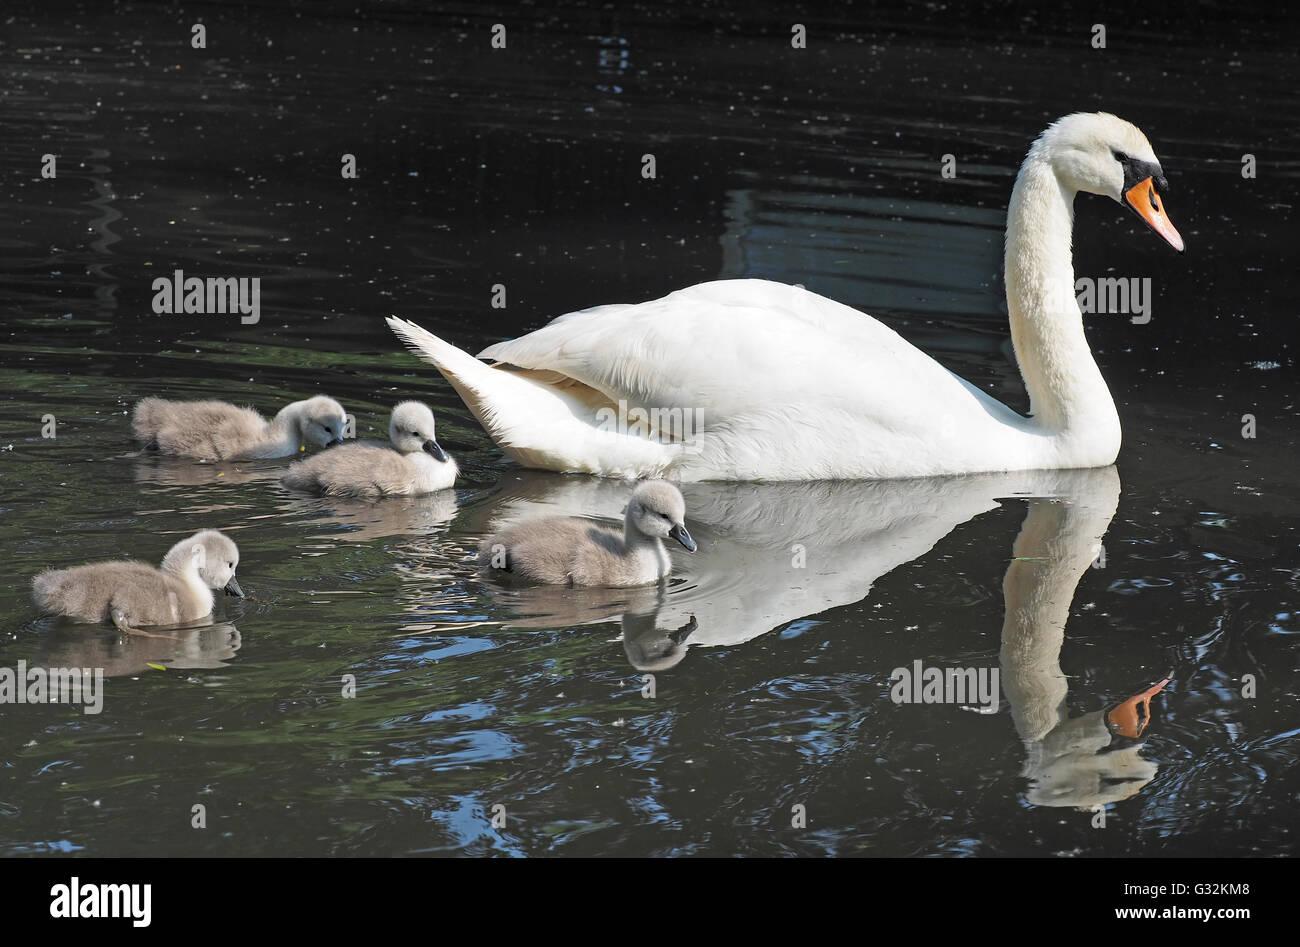 Una vista di una madre swan nuoto con il suo bambino cygnets accanto a Immagini Stock